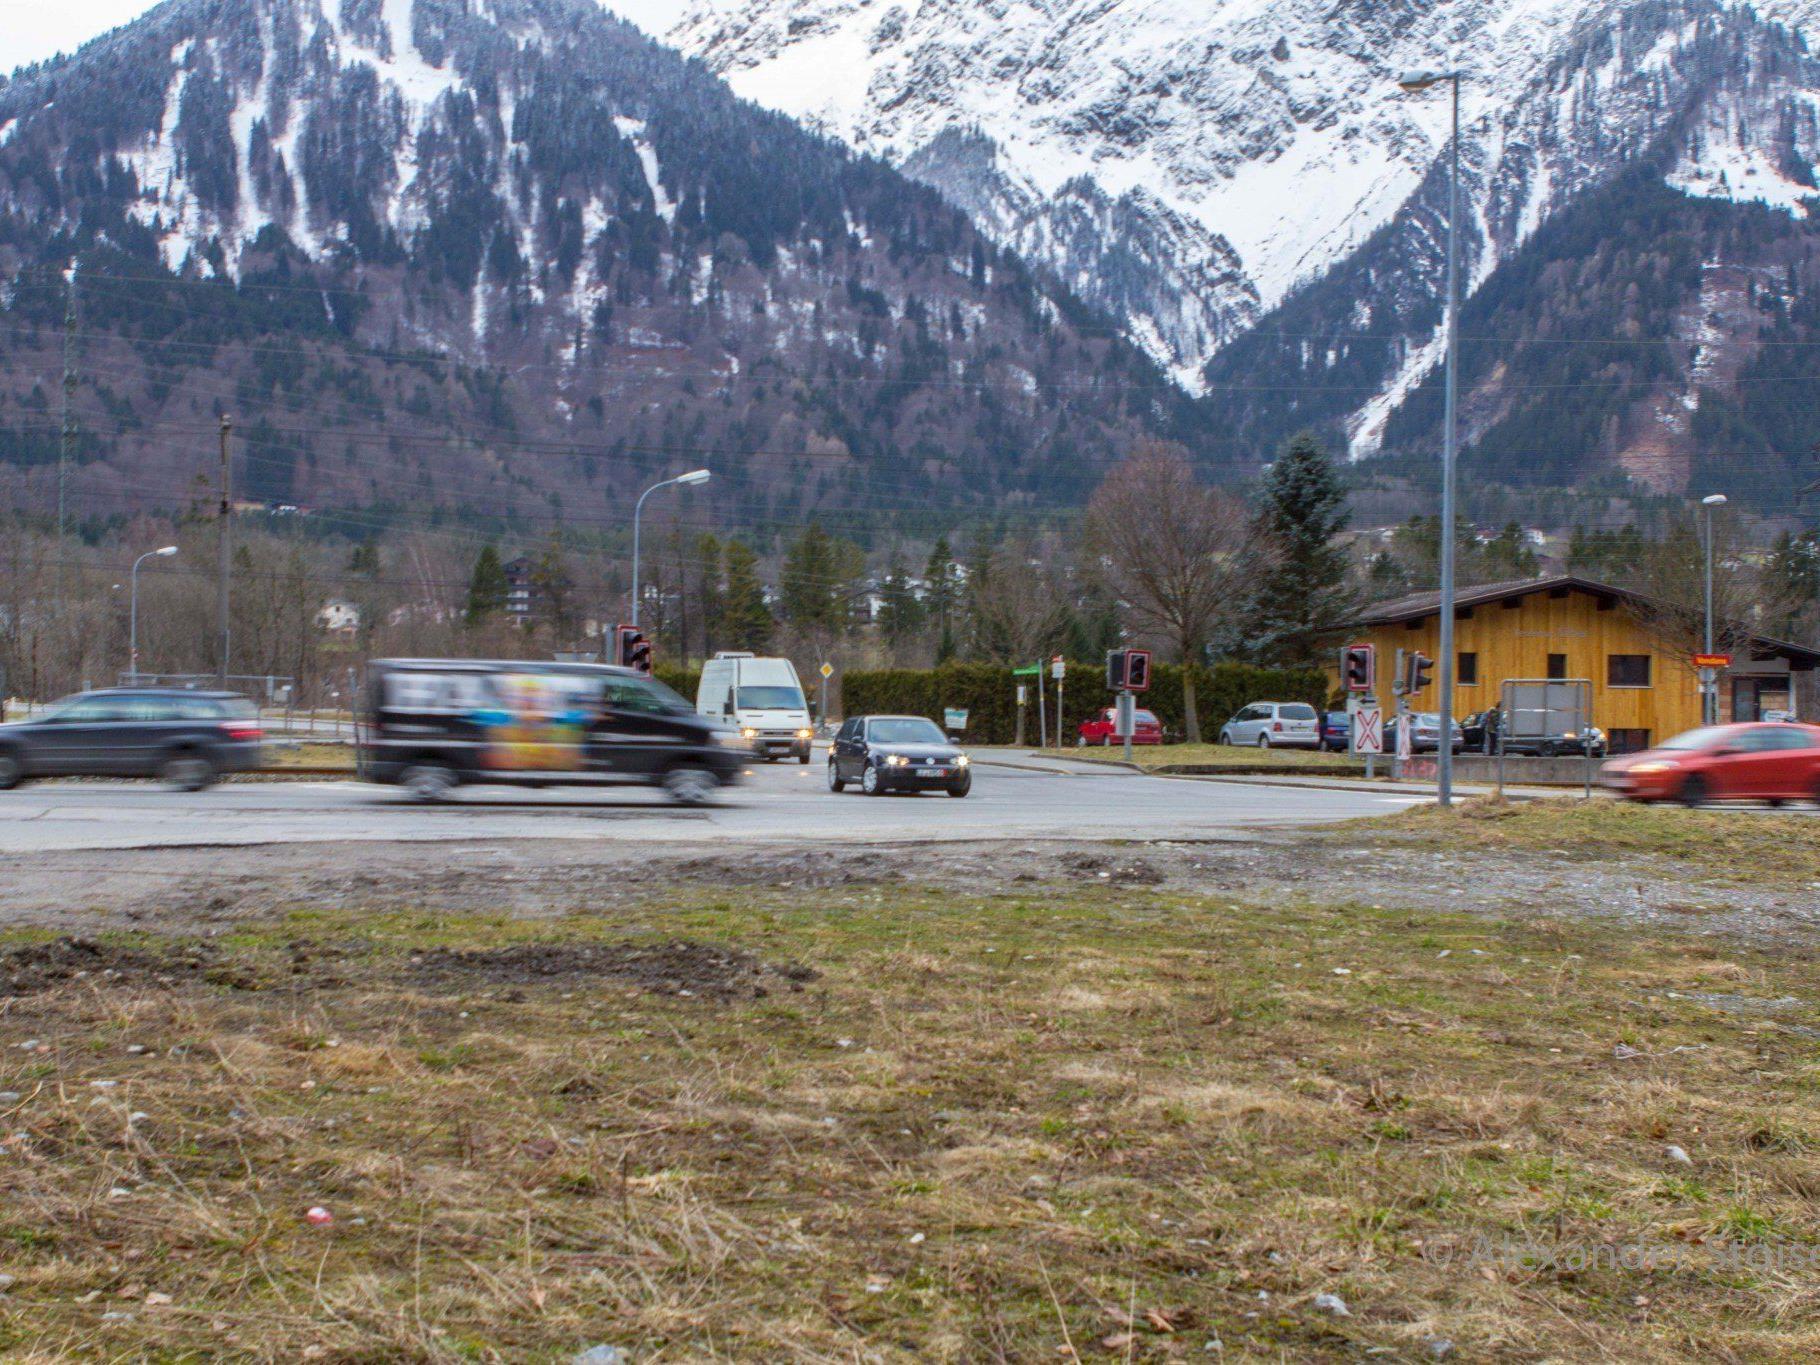 Die Kreuzung L188 (Silvrettastraße), L83 (Bahnhofstraße) und Montafonerbahn wird entschärft.